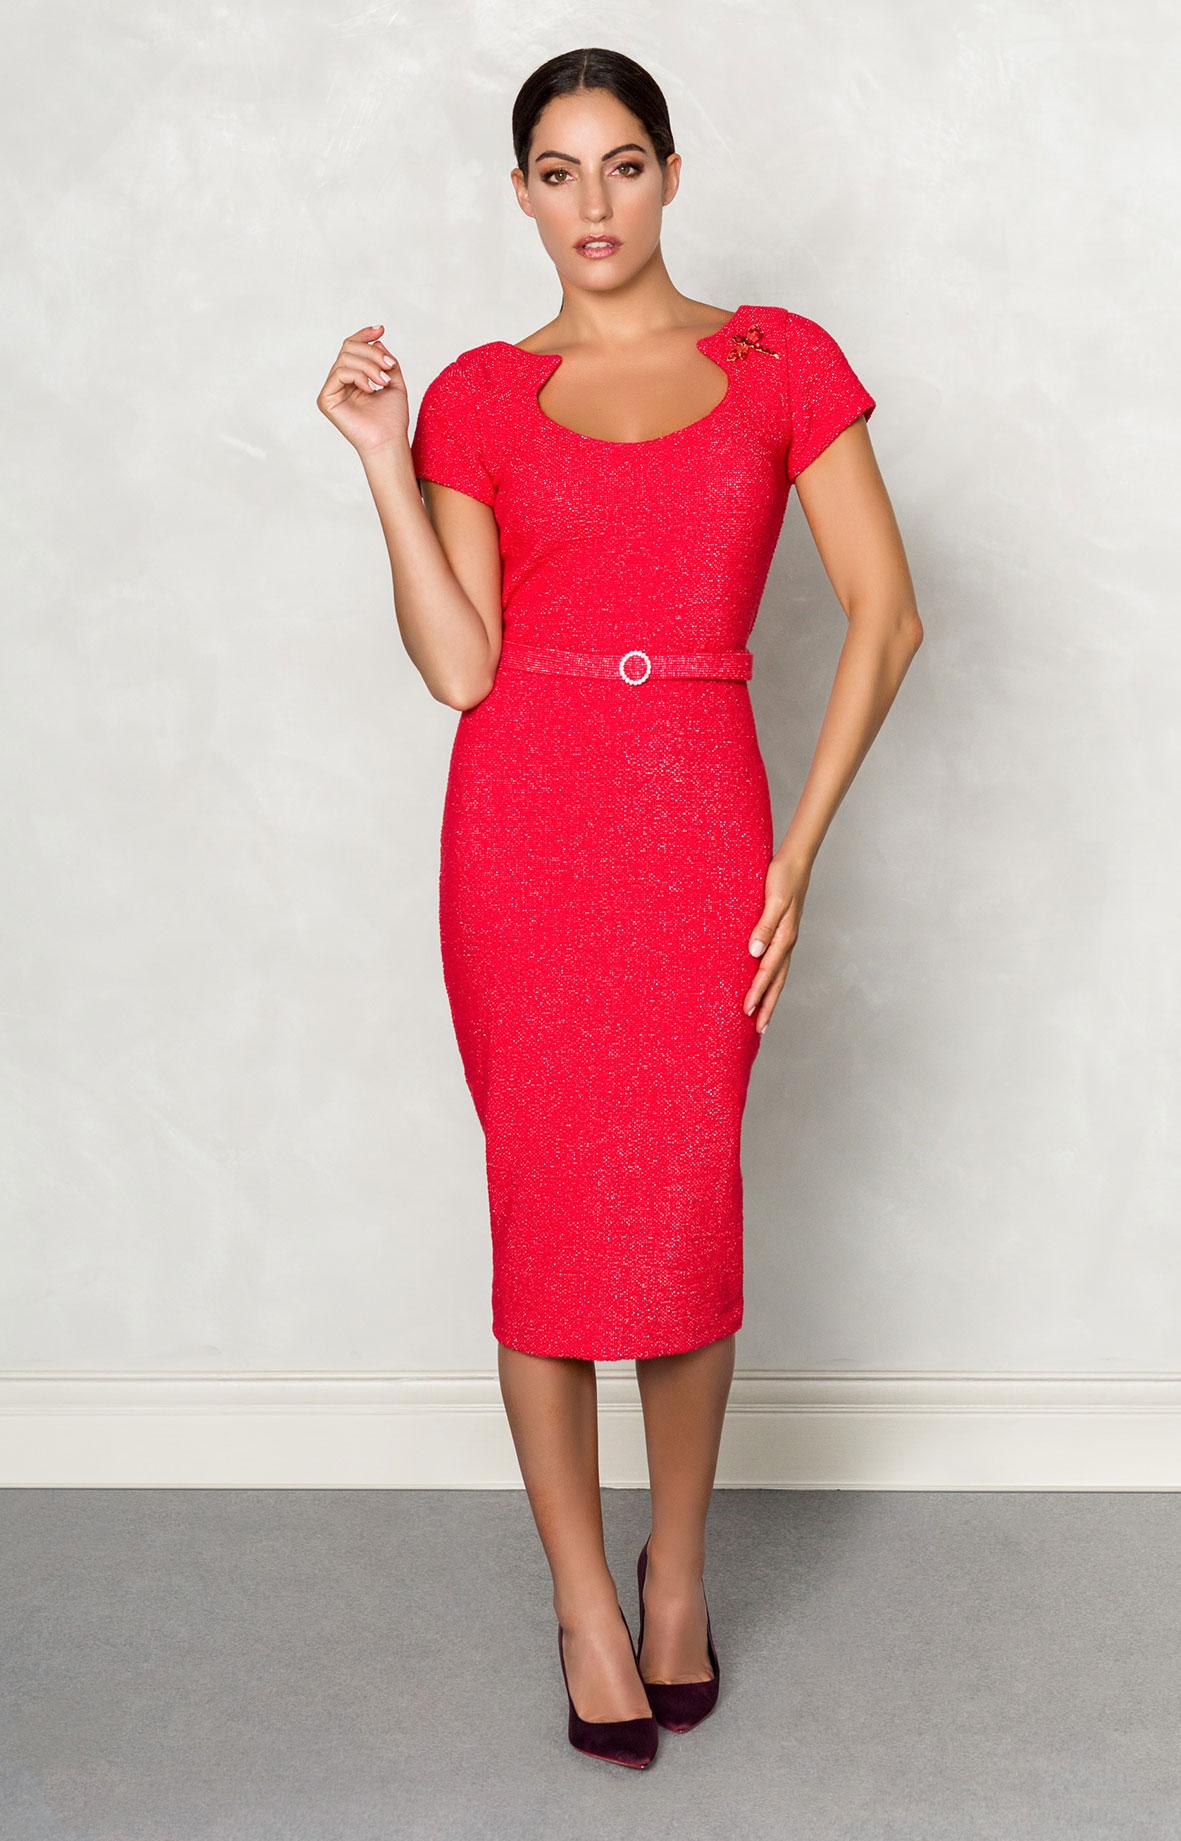 Vestido nuribel corto chanel con cuello a la caja abierto rojo 154